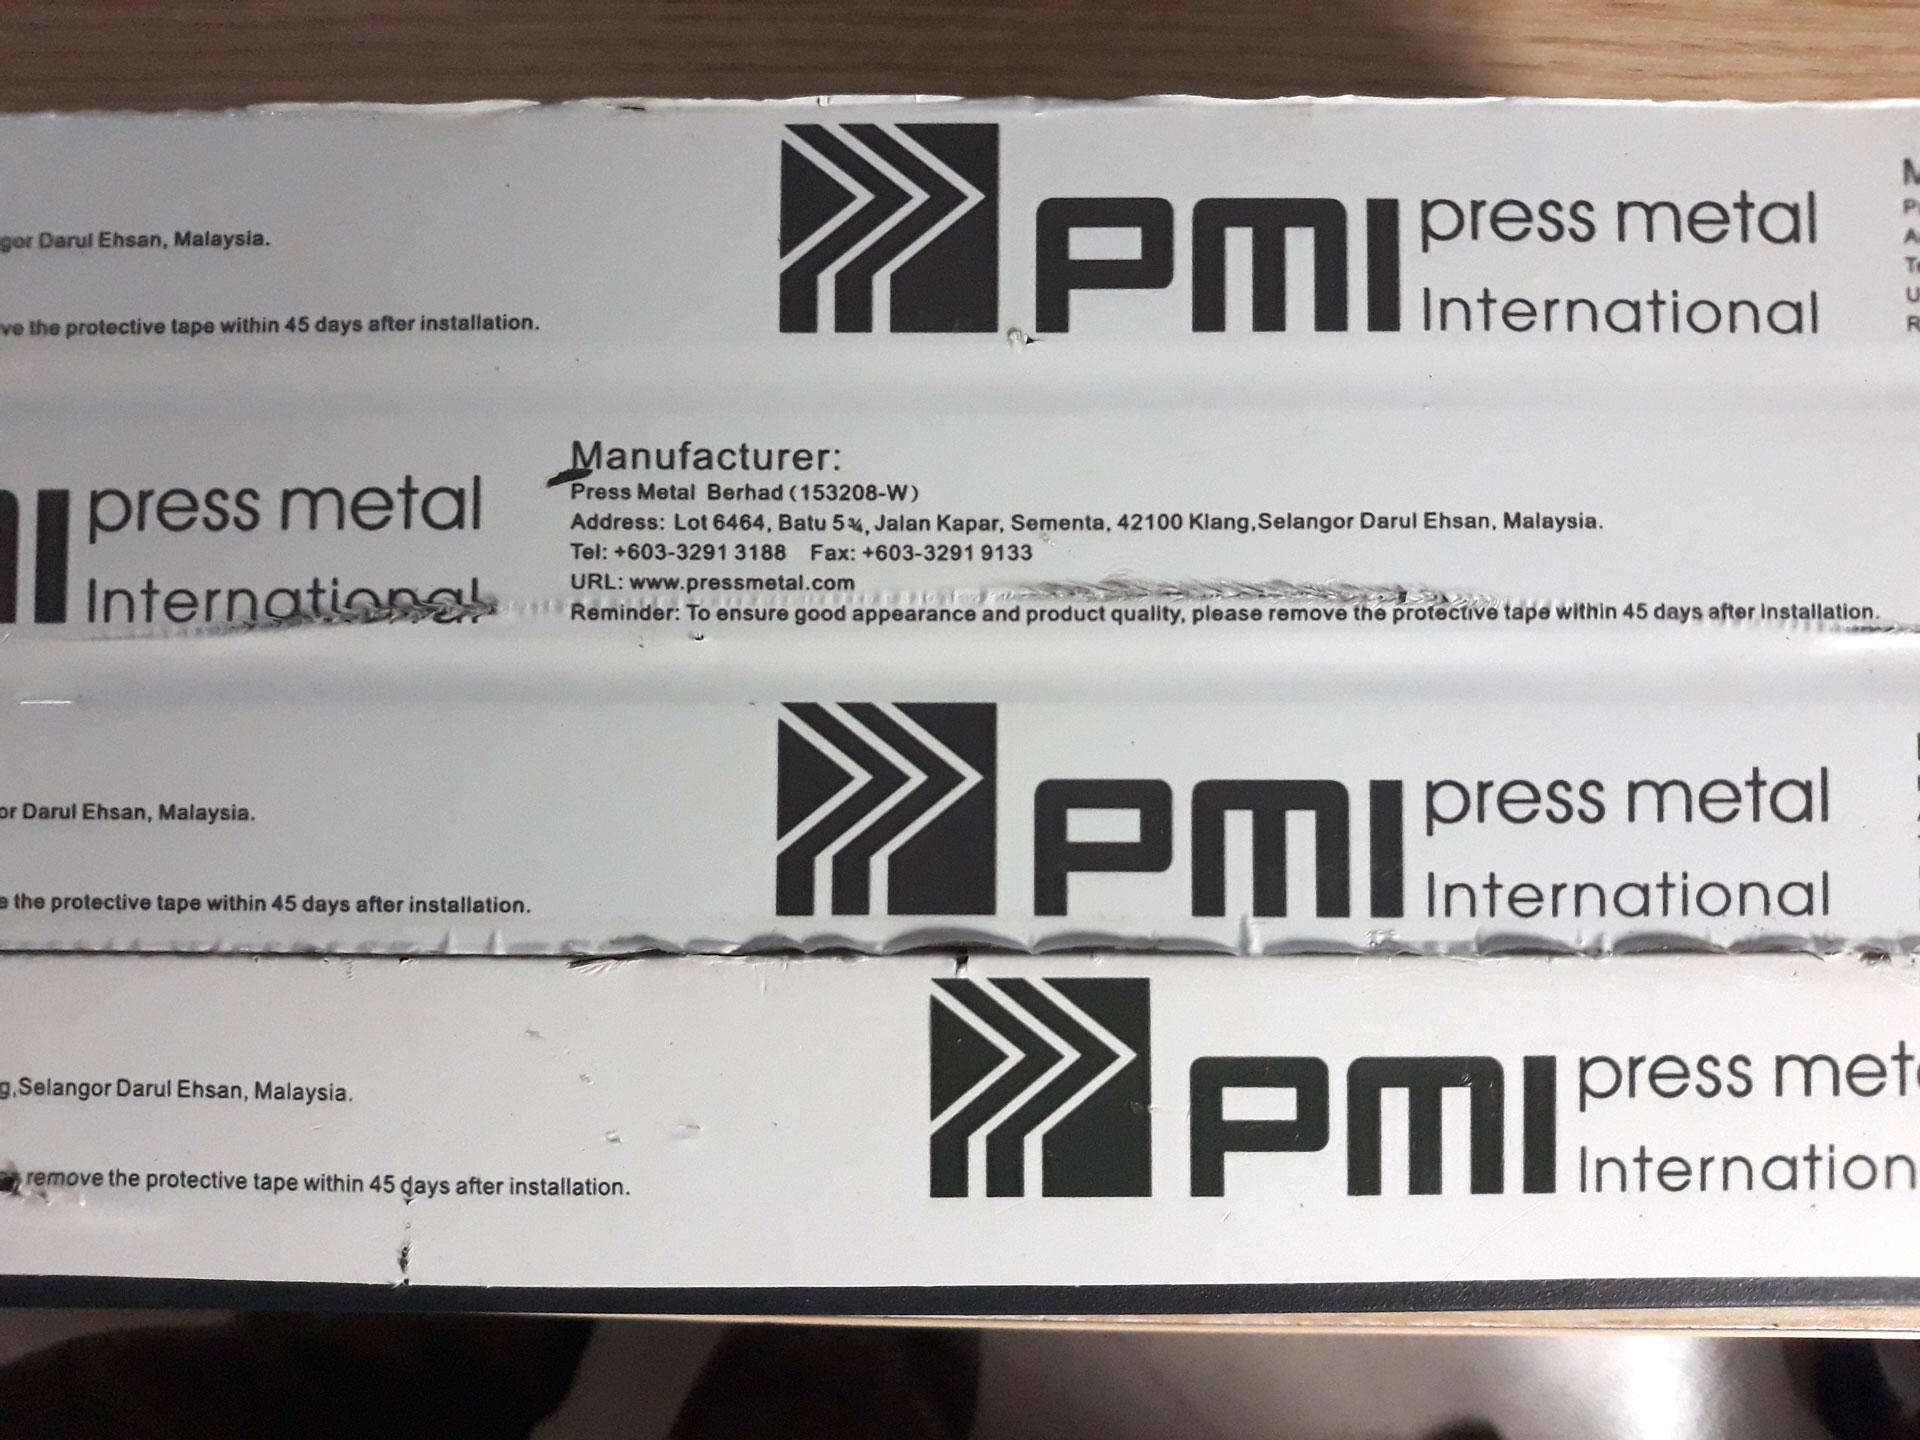 Thanh profile nhôm PMI nhập khẩu Malaysia